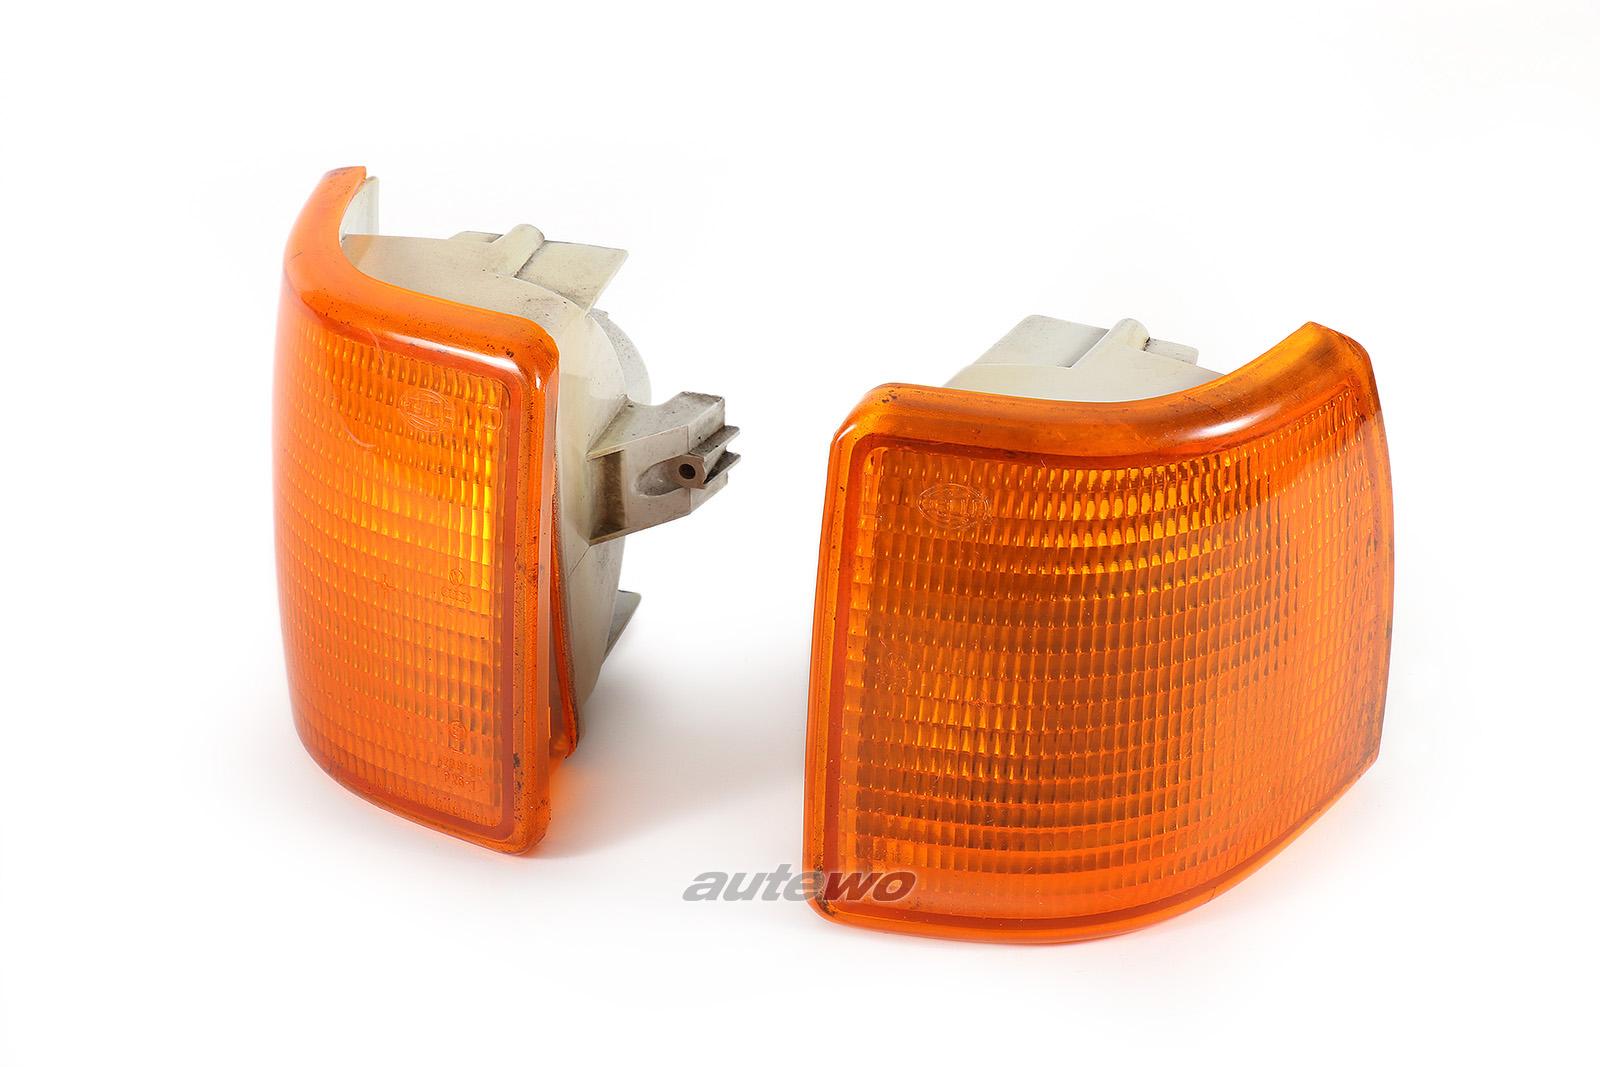 811953049D/811953050D Audi 80 Typ 81/85 Blinker Paar Hella Vorne orange